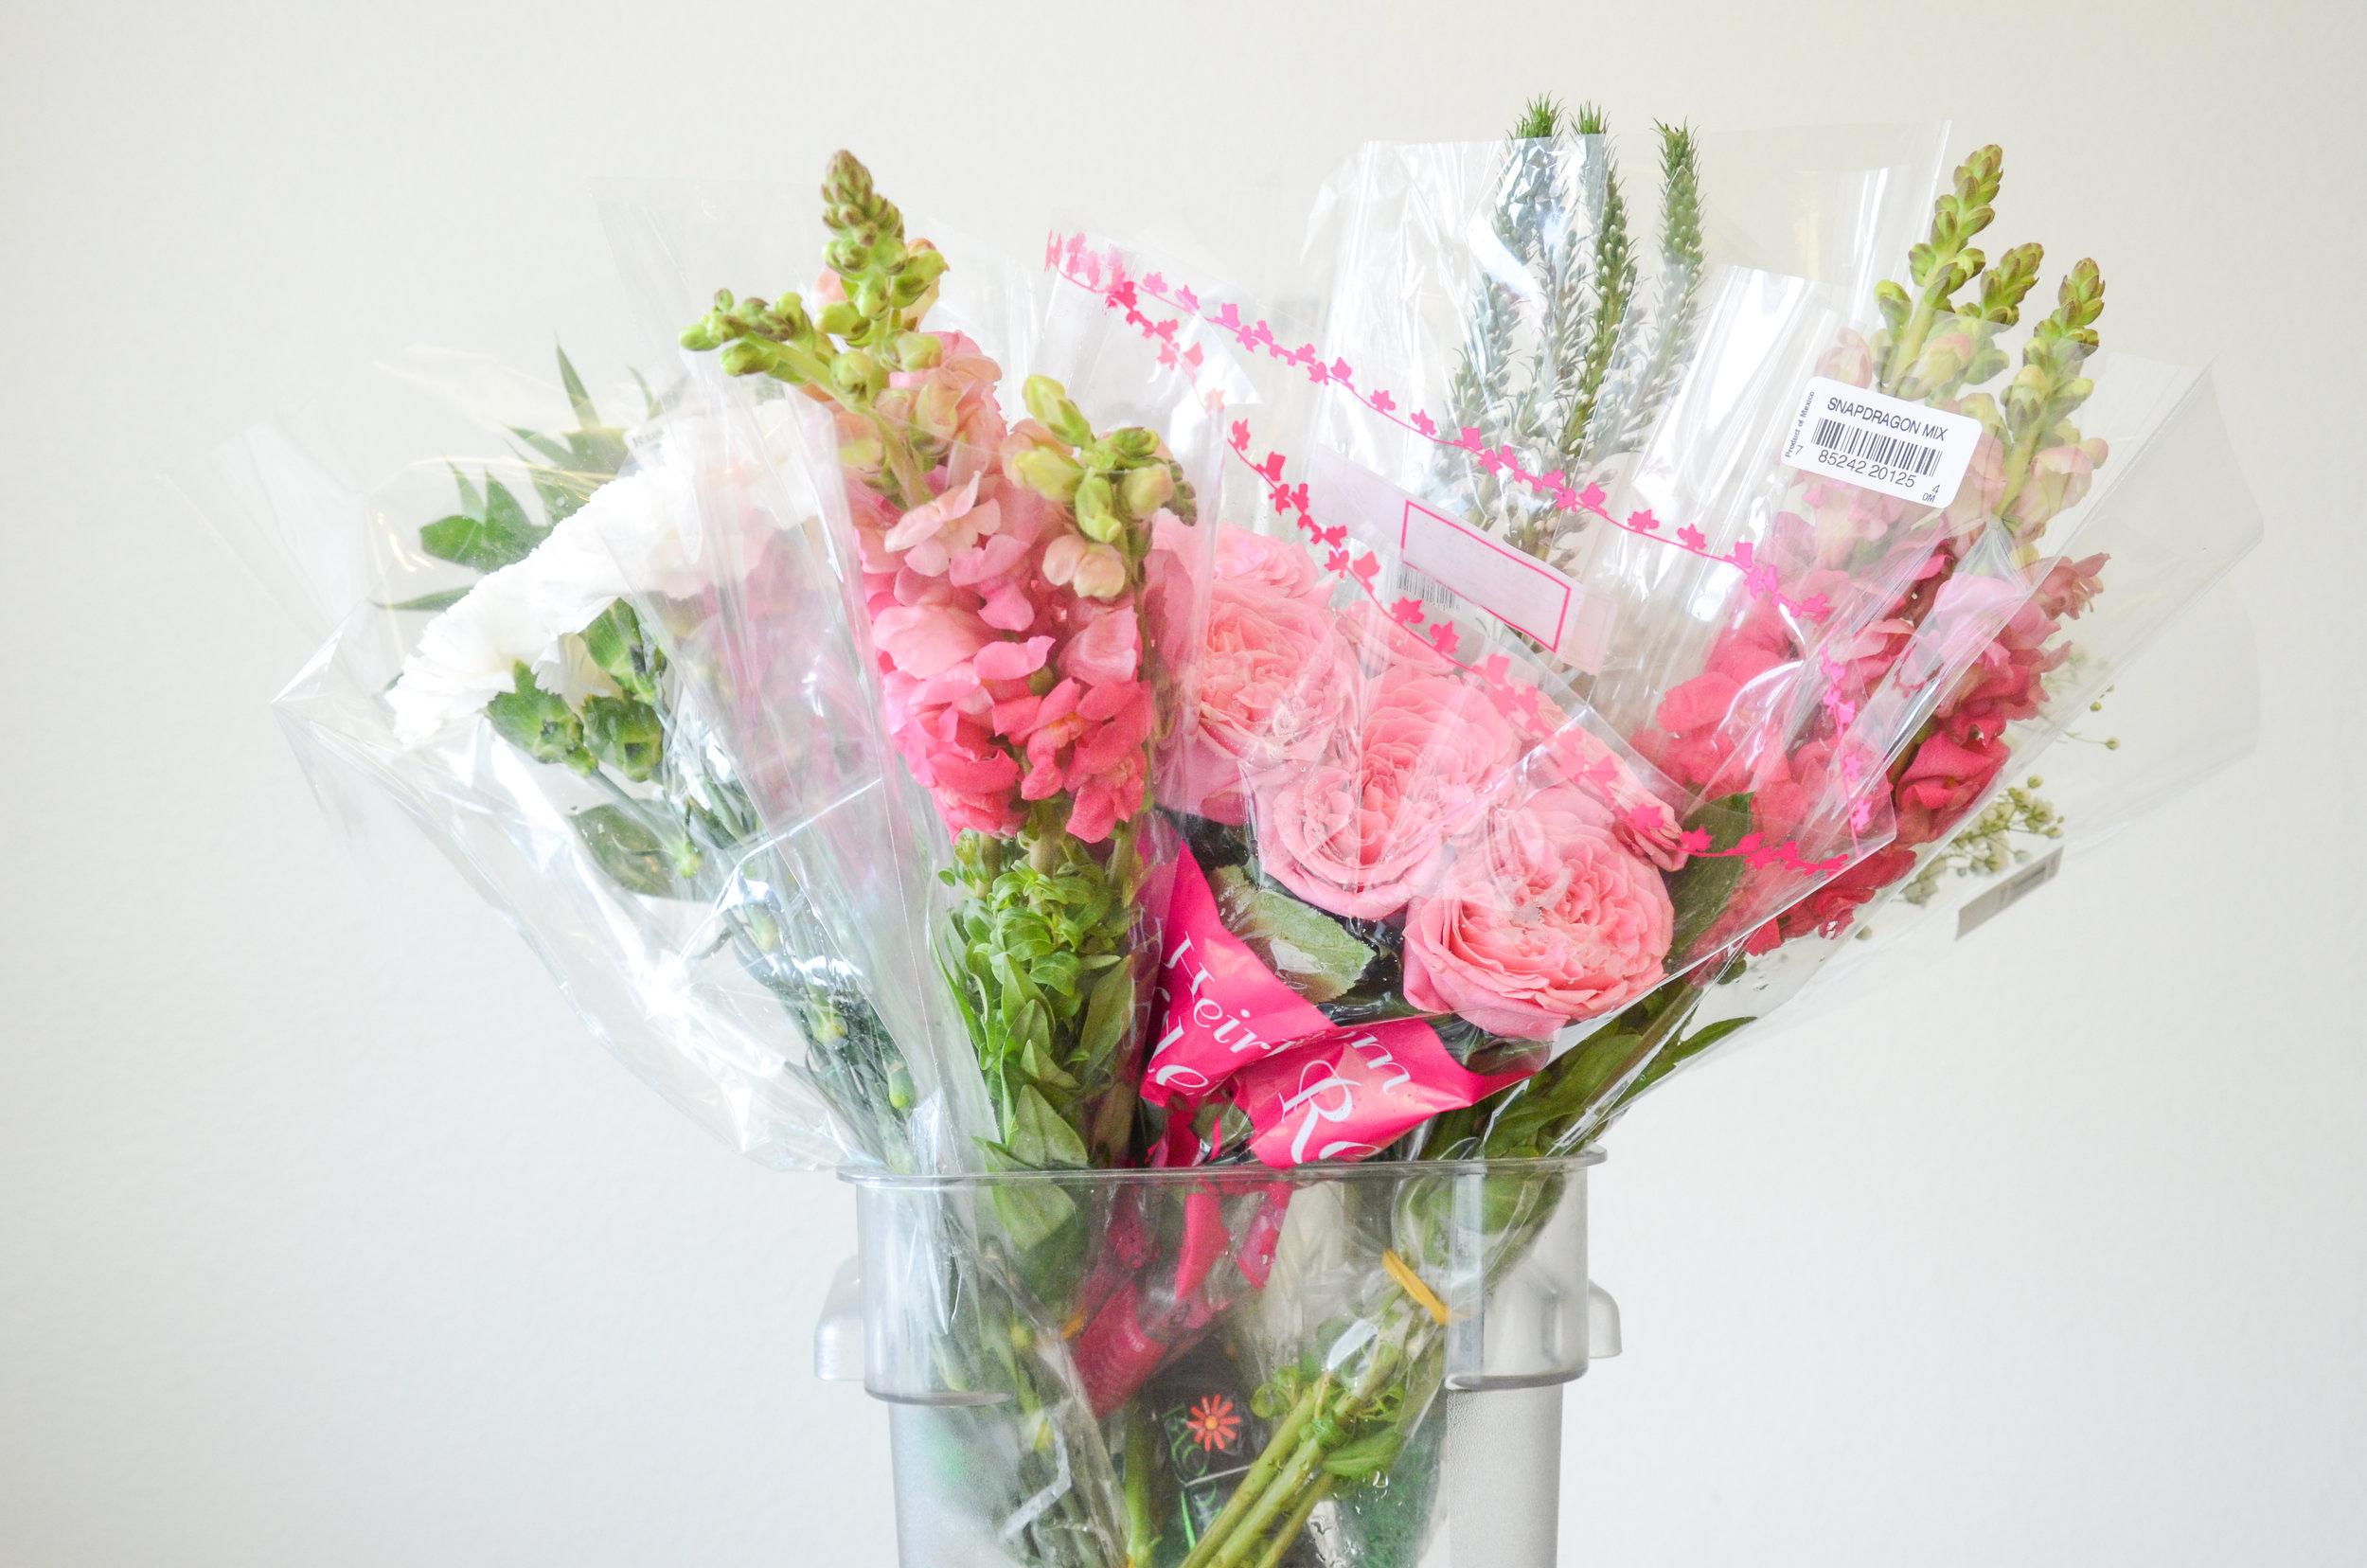 flowers grocery store.jpg